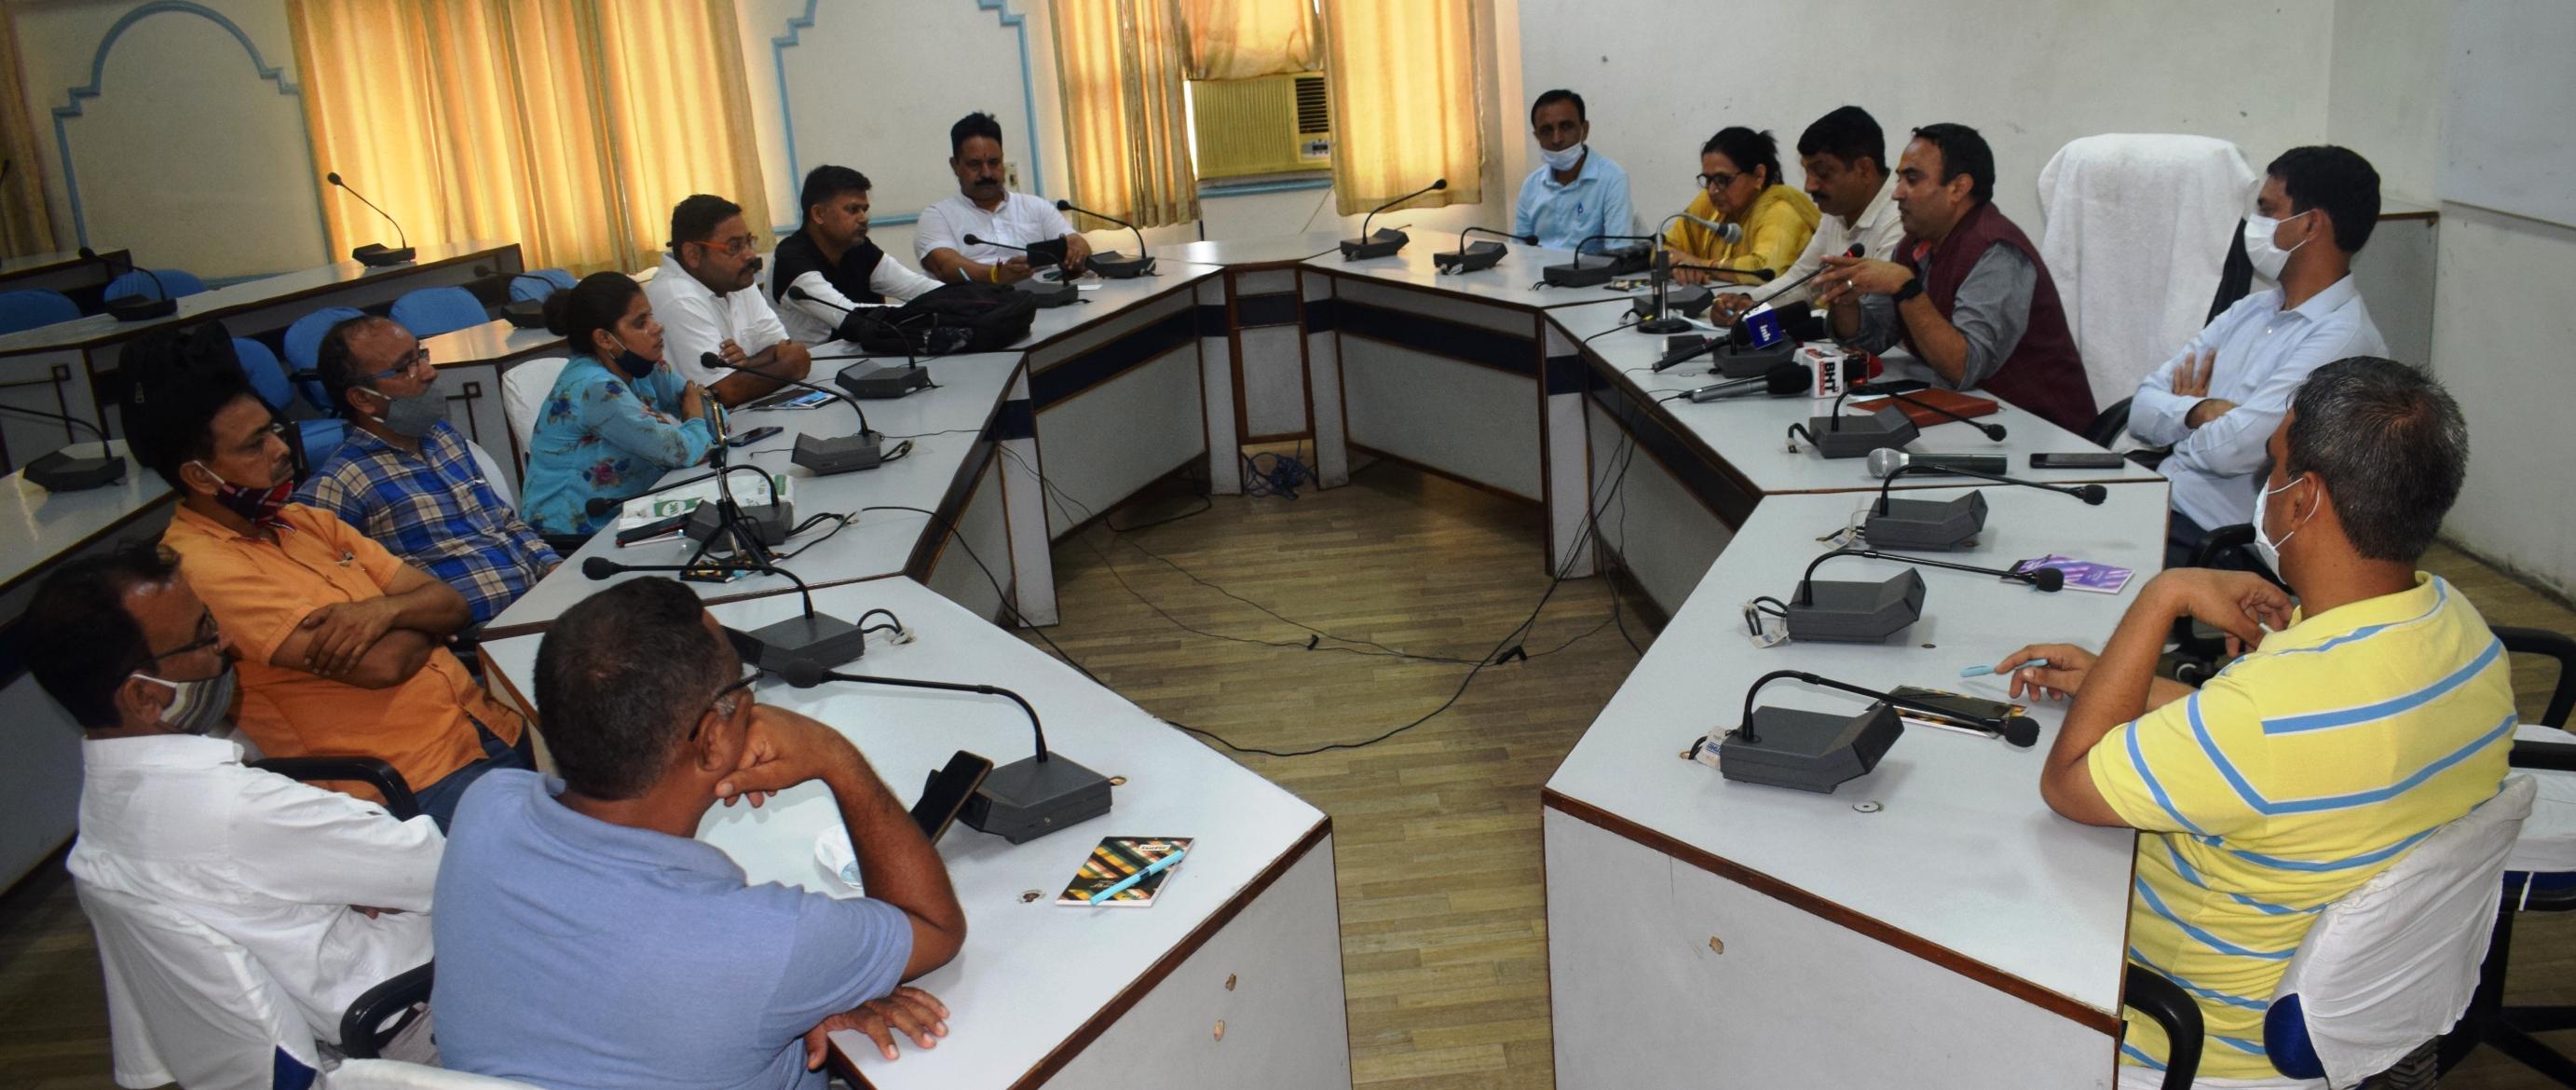 सीएम जय राम ठाकुर मीडियाकर्मियों की समस्याओं को सुलझाने के प्रति गंभीरः चक्षु